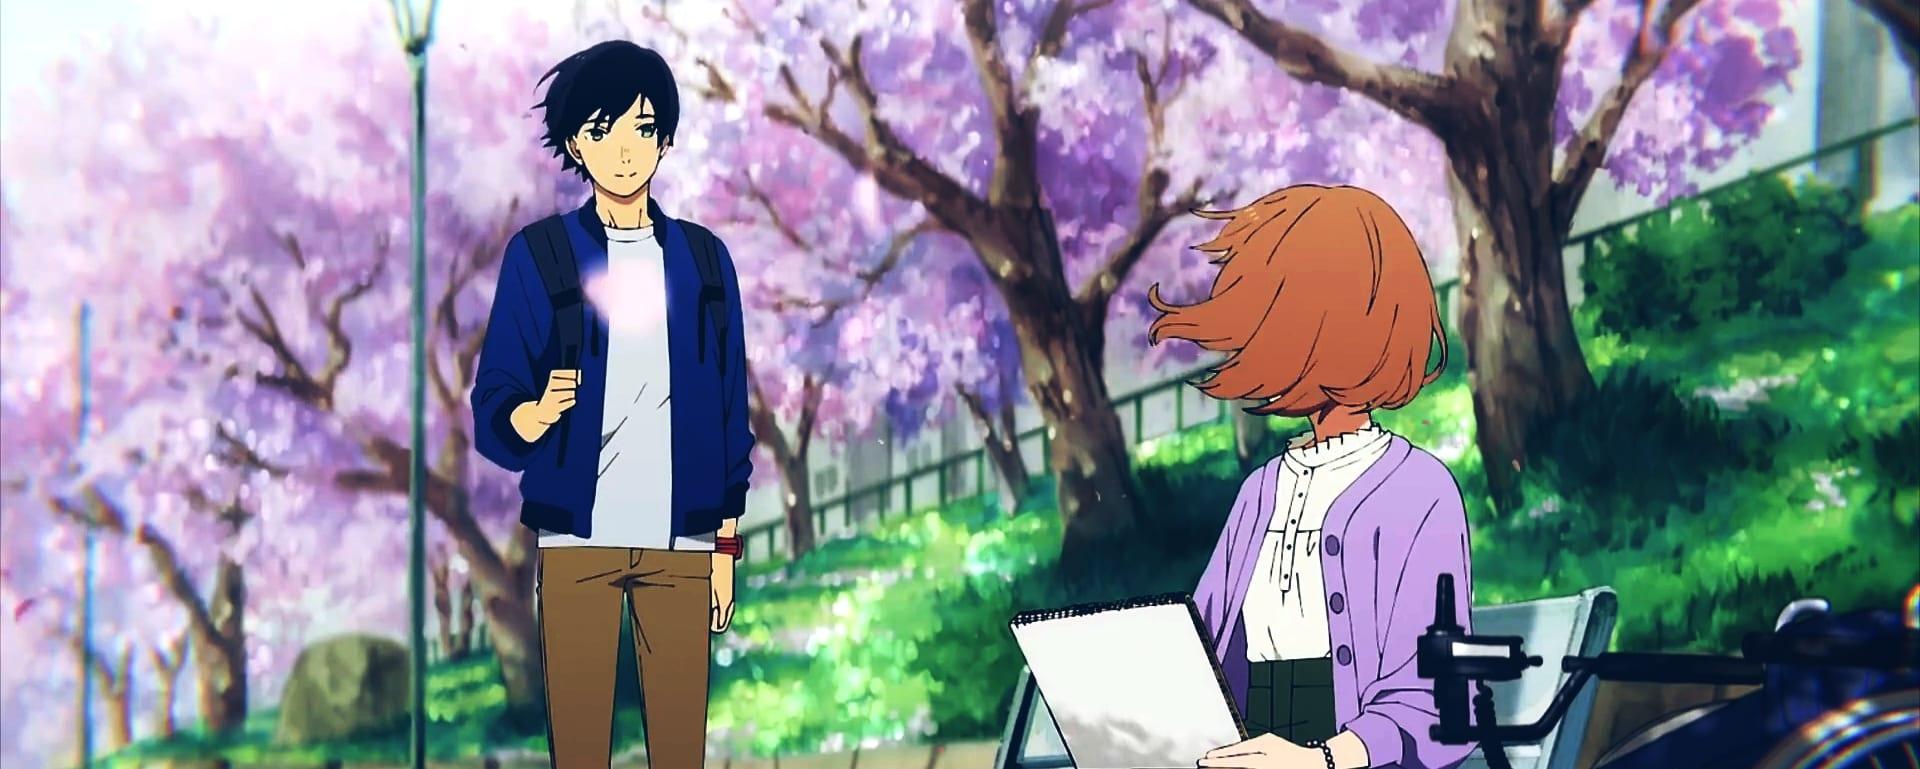 josee meets Tsuneo